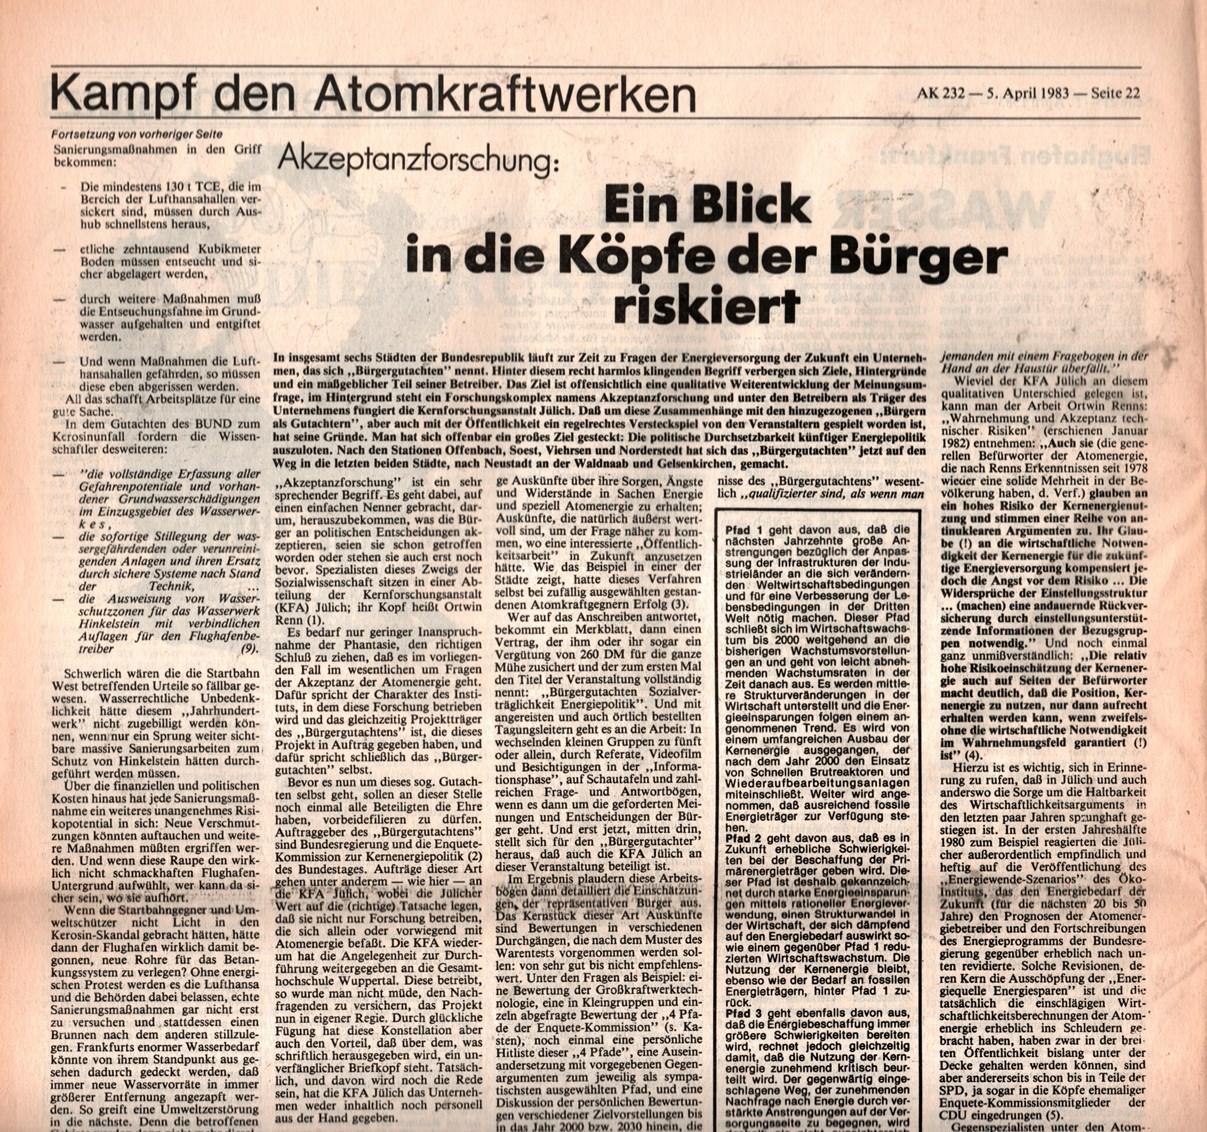 KB_AK_1983_232_043